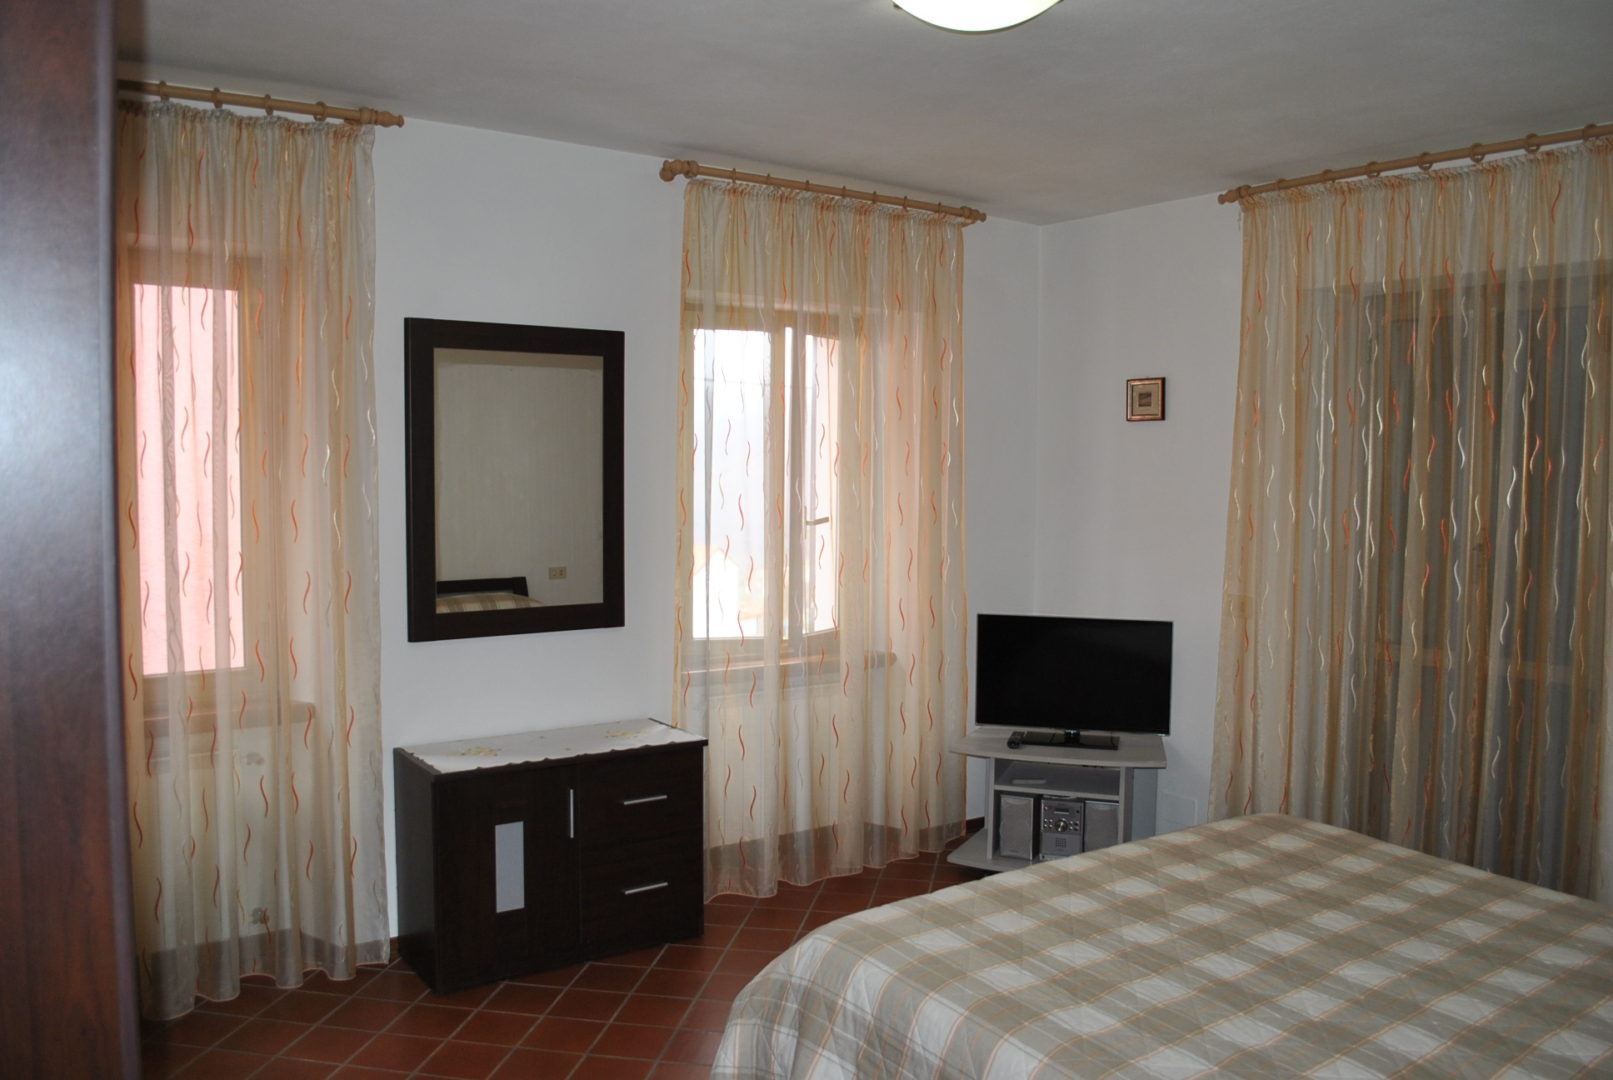 Casa in pietra bedonia a593 alessandrini casa for Piani casa in pietra